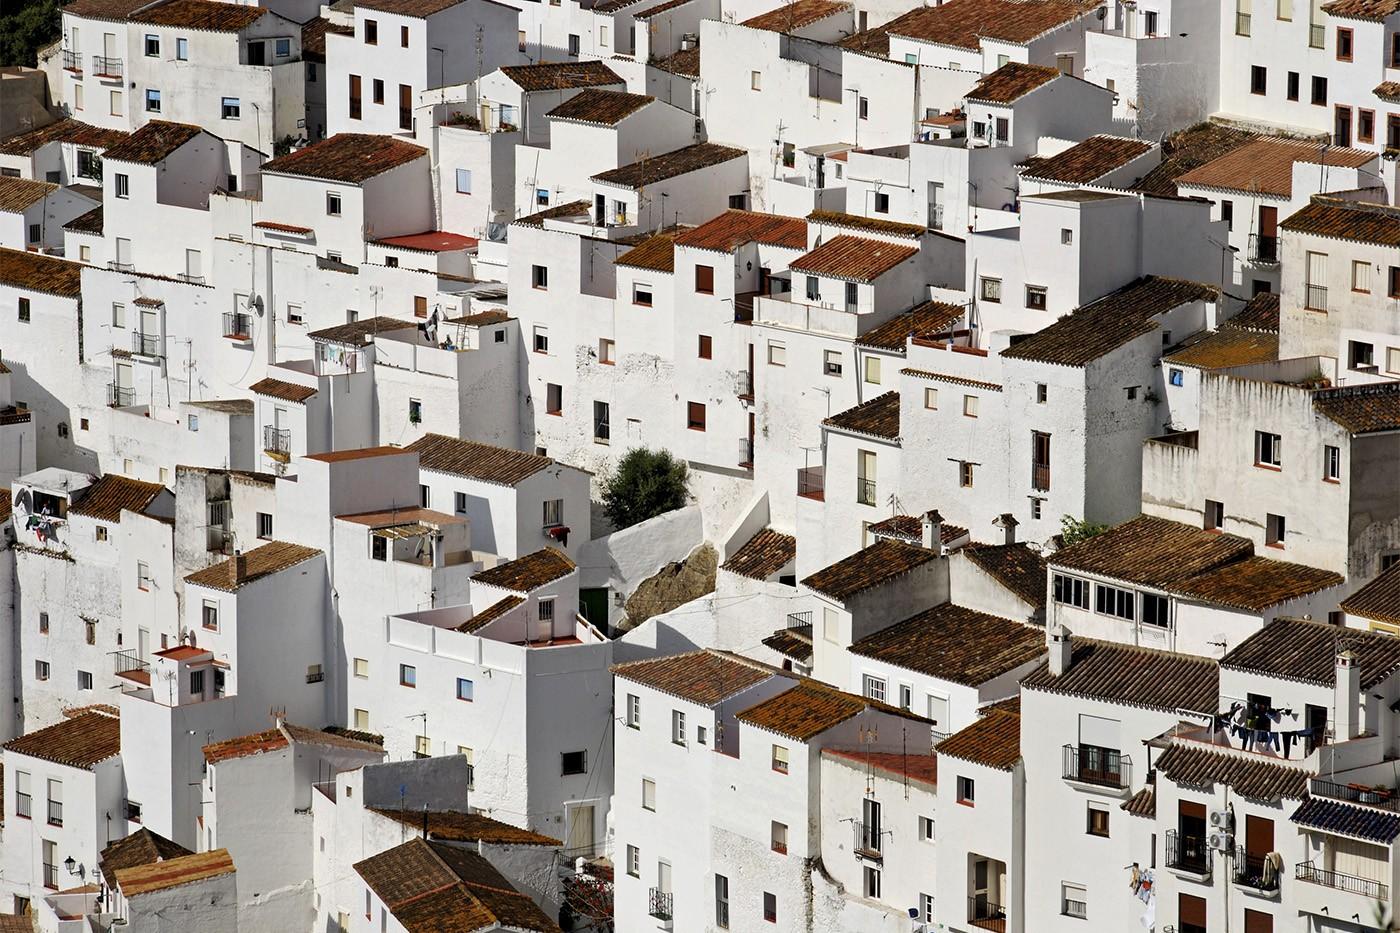 Casares, Andalousie